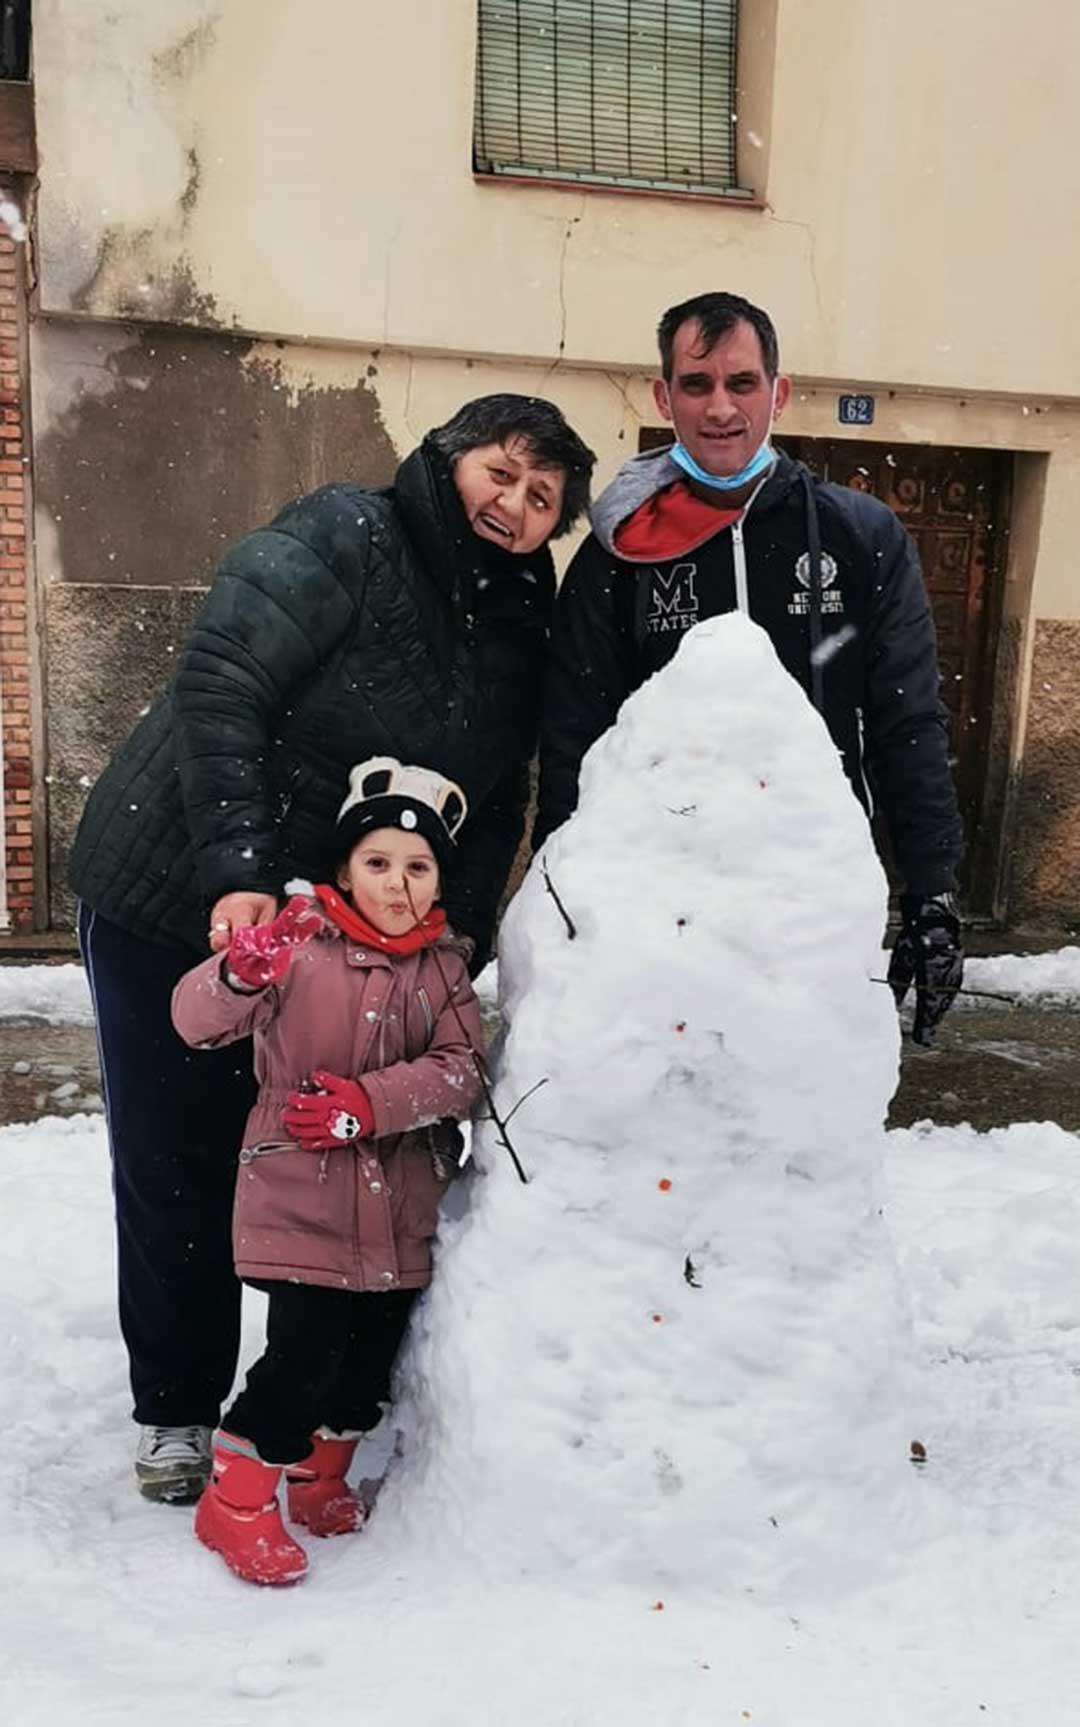 Muñeco de nieve en la capital bajoaragonesa./ María y Tete